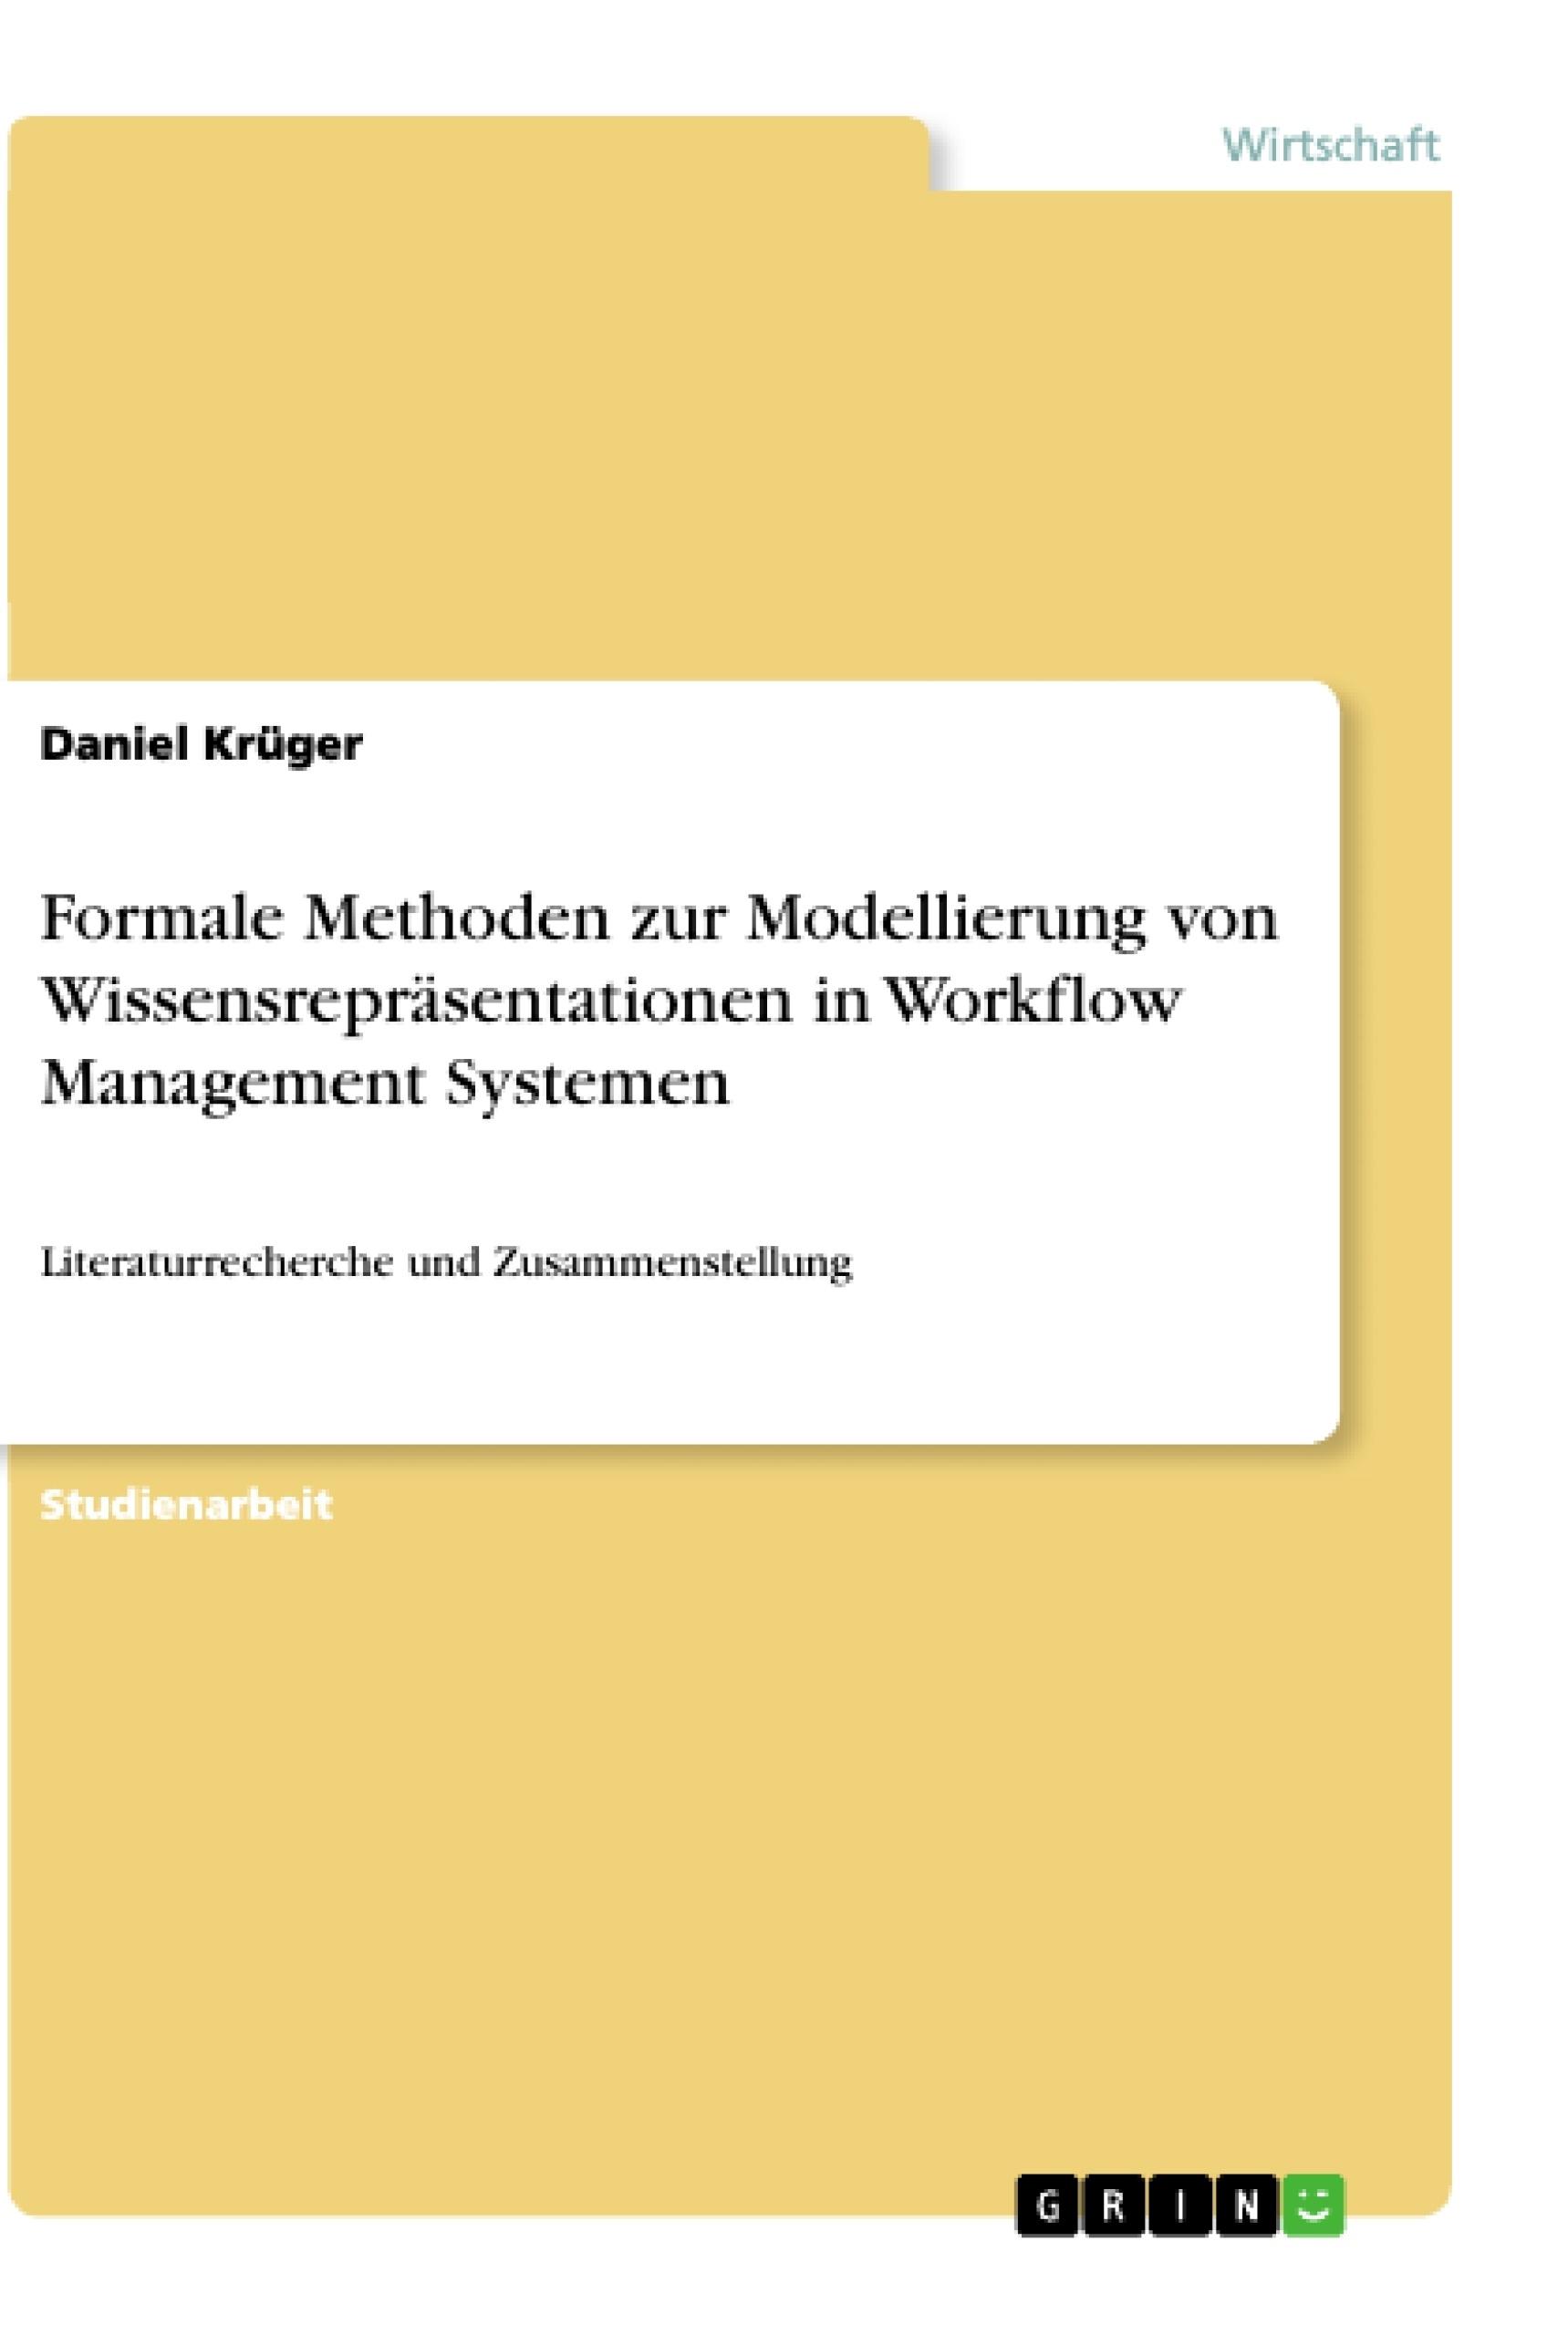 Titel: Formale Methoden zur Modellierung von Wissensrepräsentationen in Workflow Management Systemen